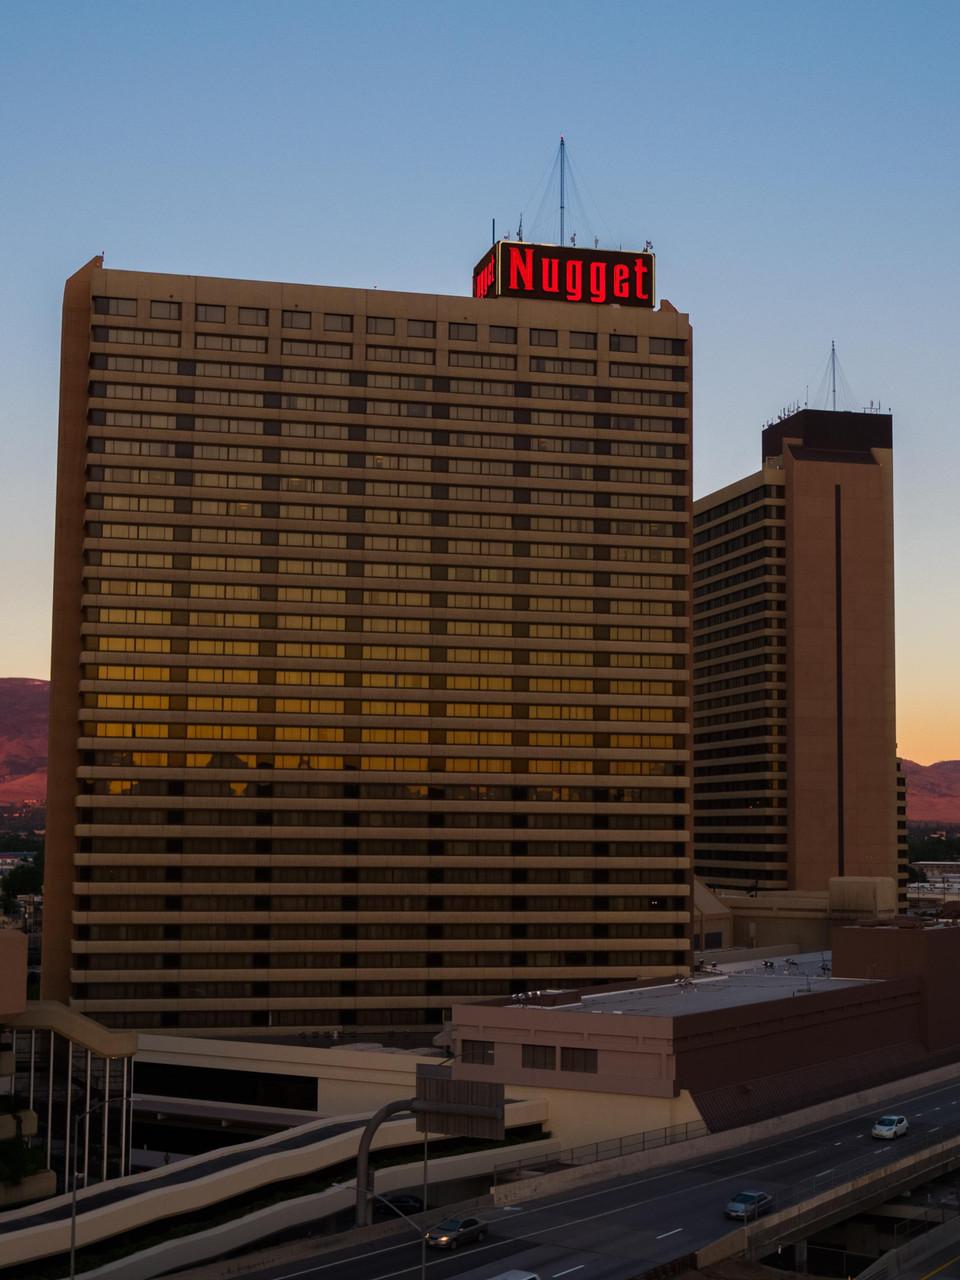 Hotel and casino sparks casino in coachella valley